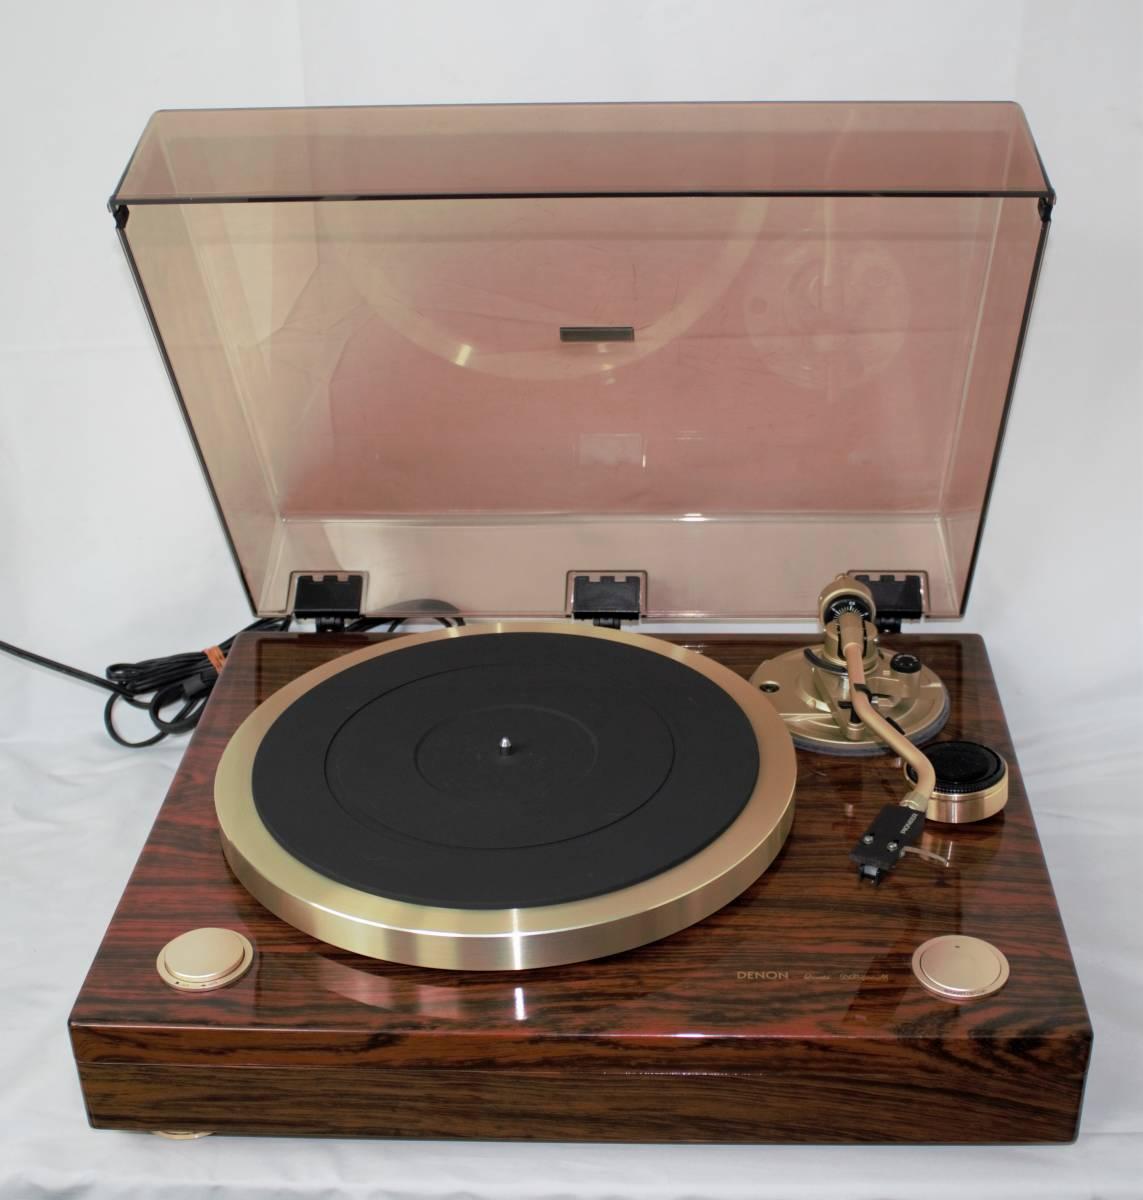 DENON デノン DP-900M ダイレクトドライブレコードプレーヤー ターンテーブル オーディオ機器 NN0808 076